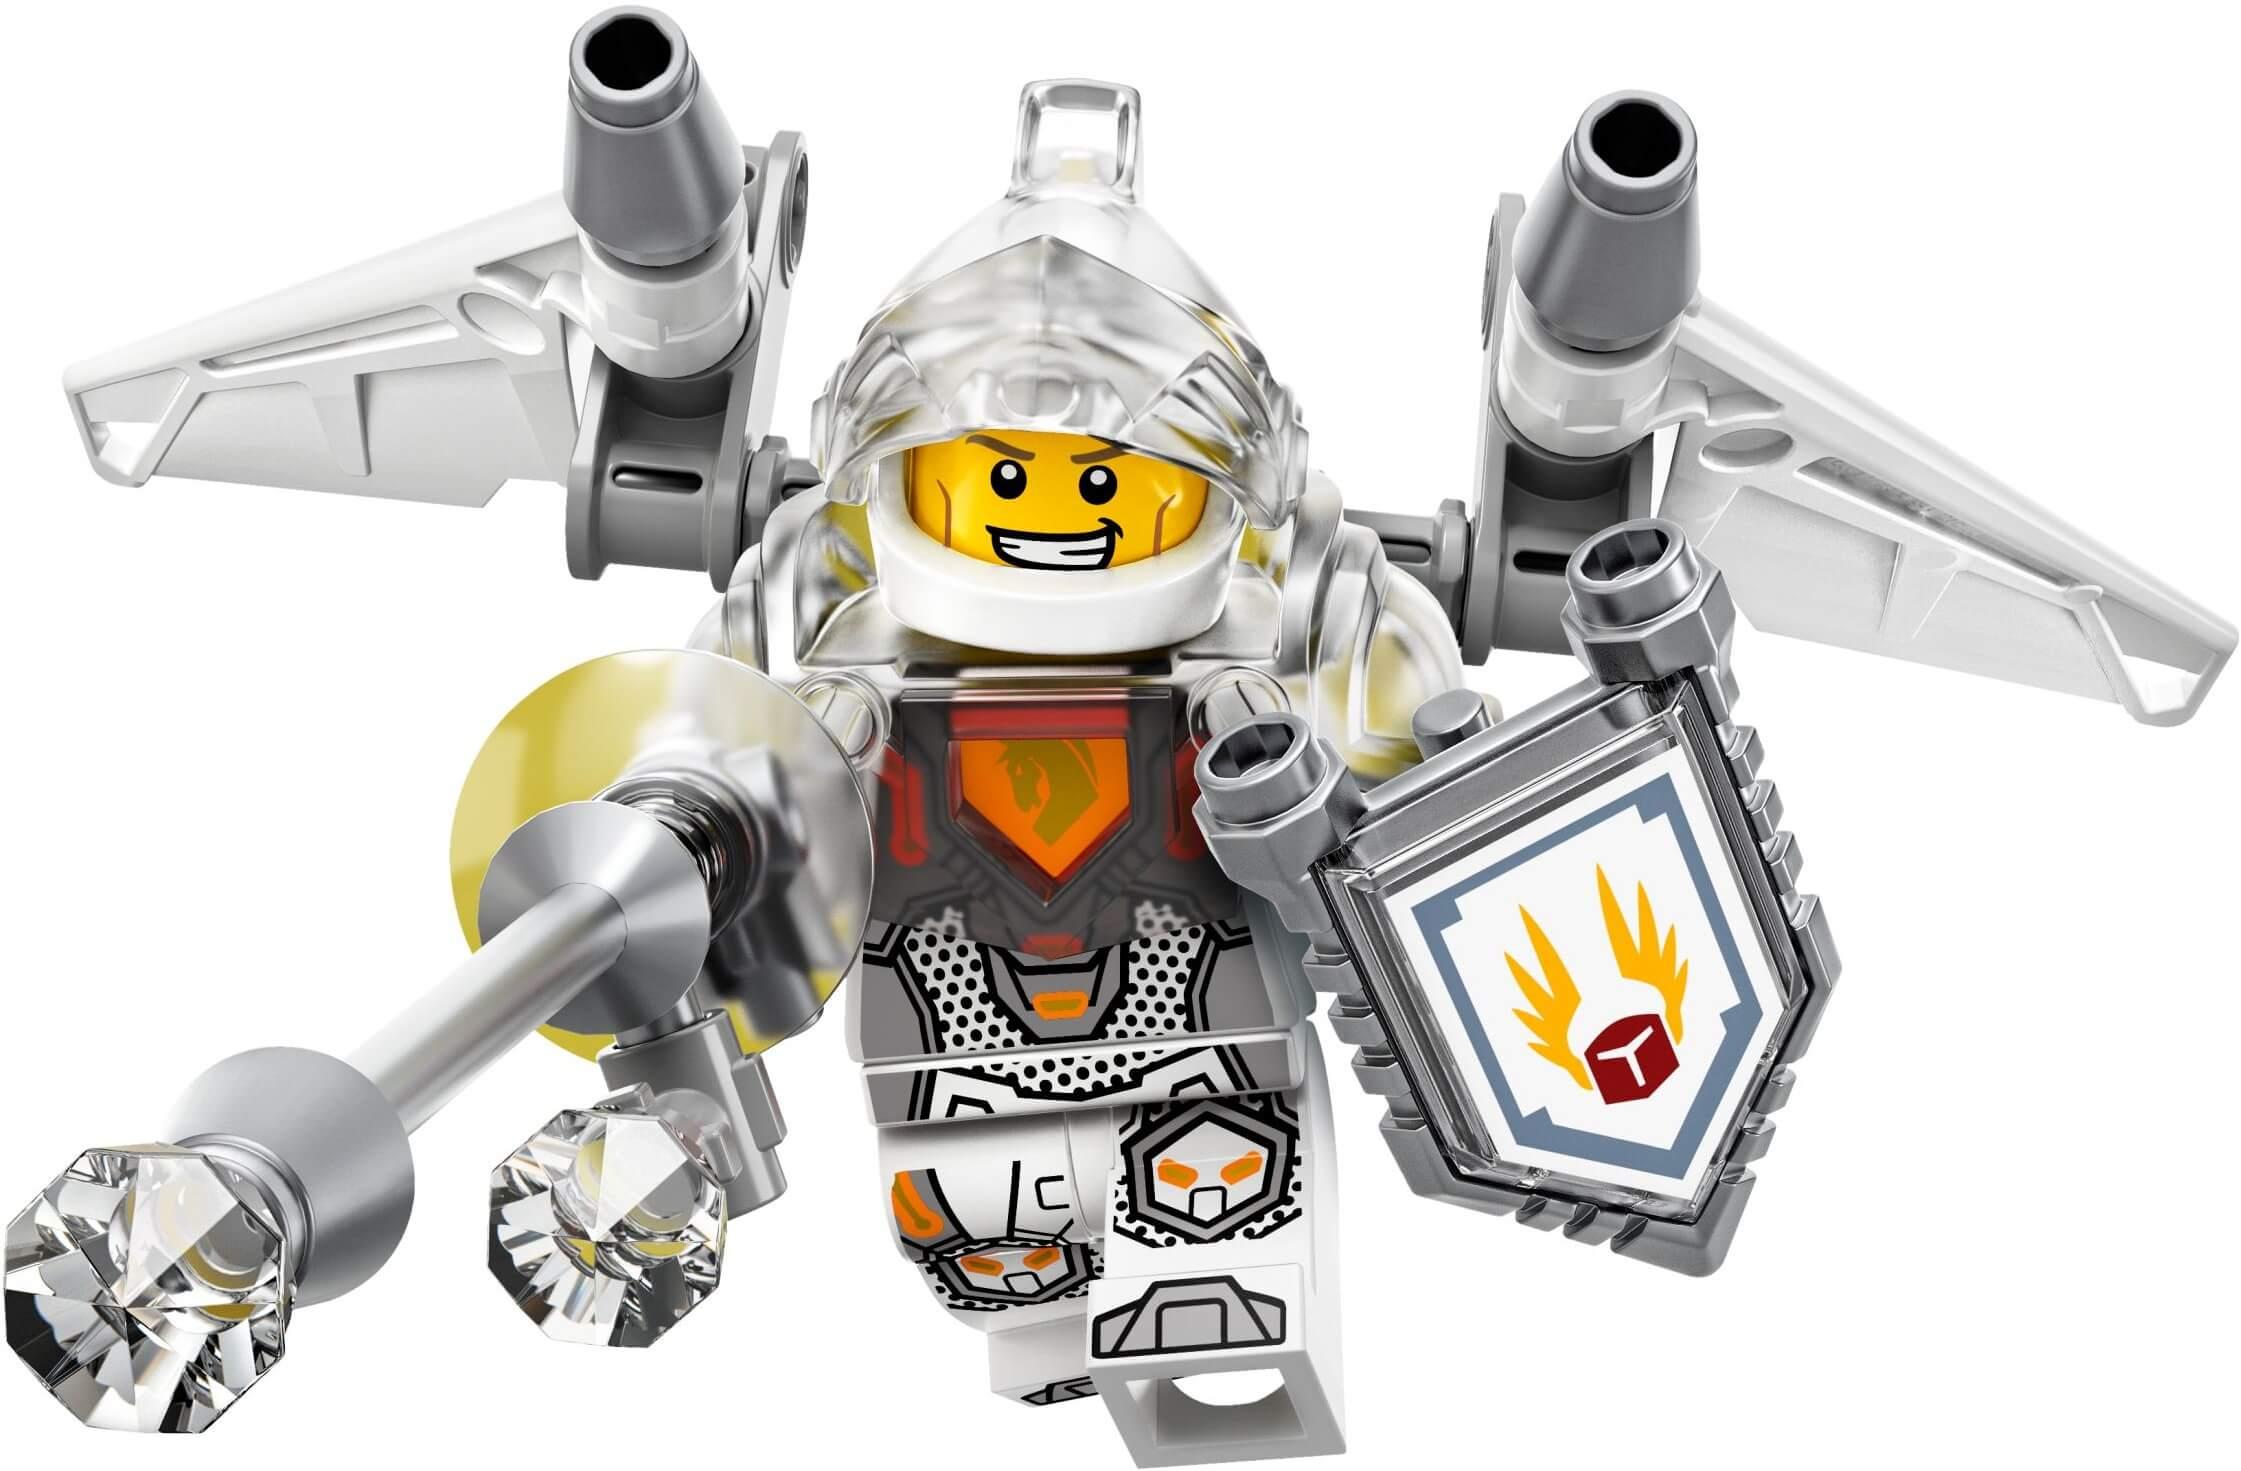 Mua đồ chơi LEGO 70337 - LEGO Nexo Knights 70337 - Hiệp Sĩ Lance Hùng Mạnh (LEGO Nexo Knights Ultimate Lance 70337)